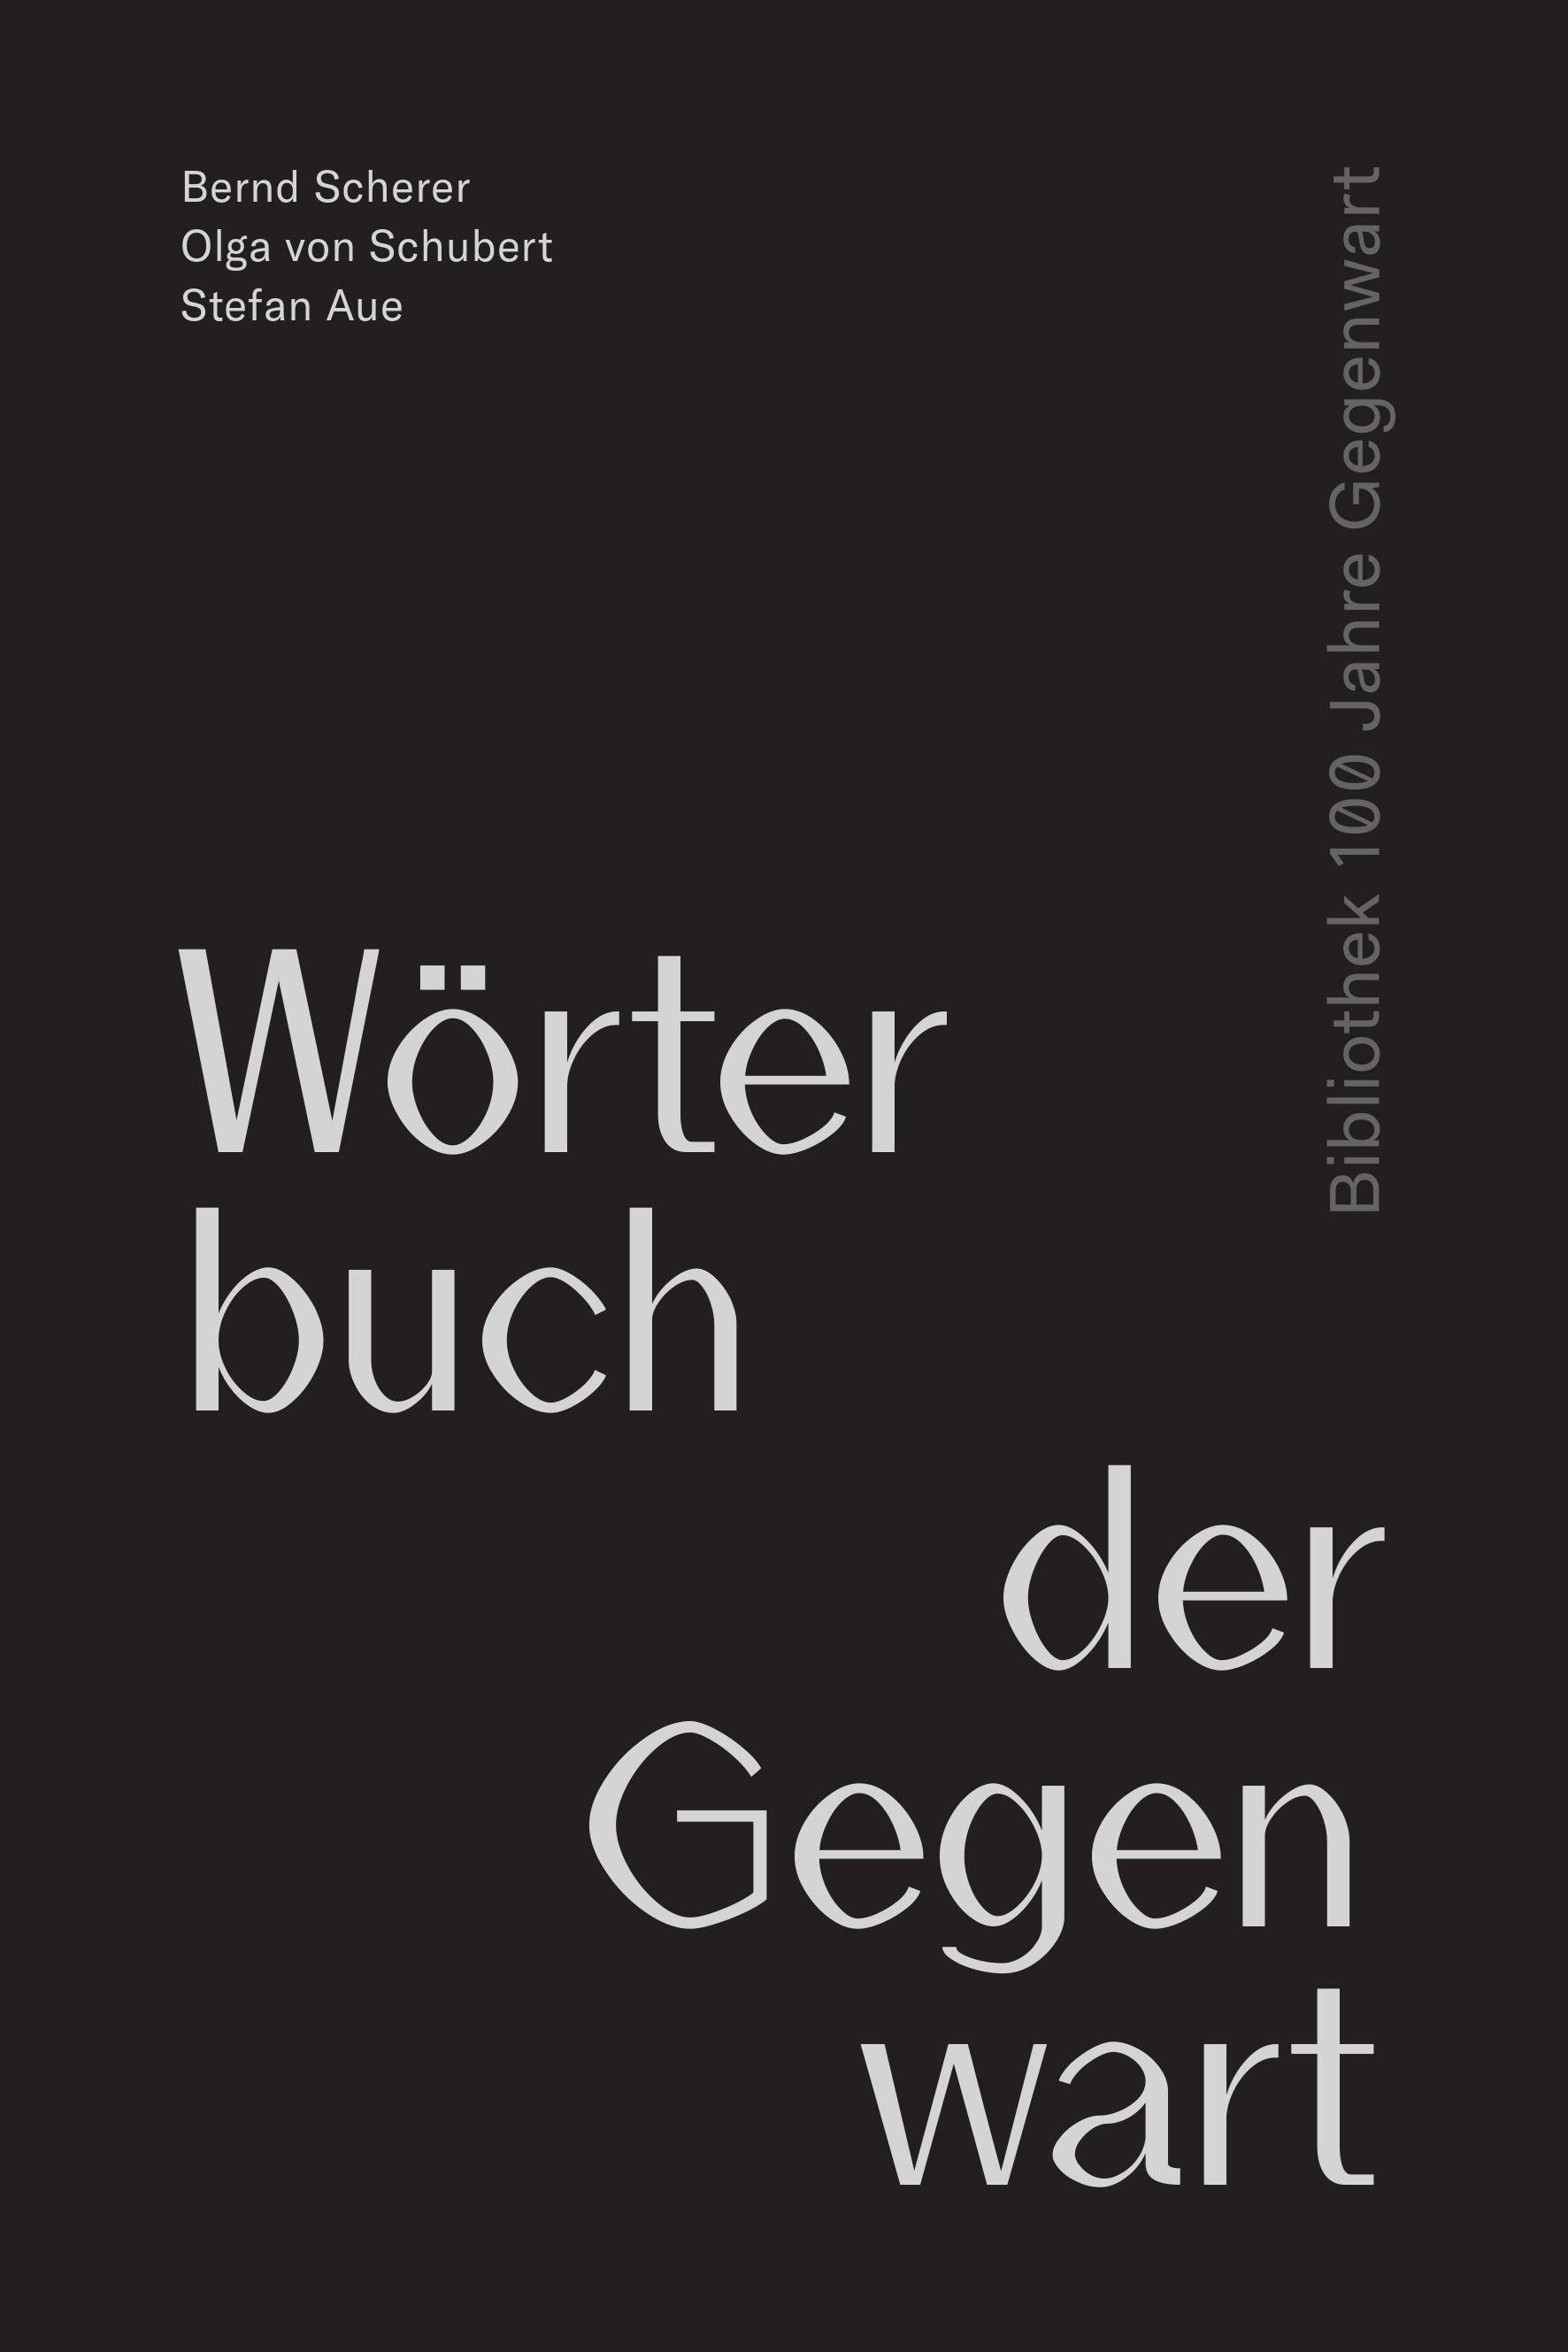 Wörterbuch der Gegenwart